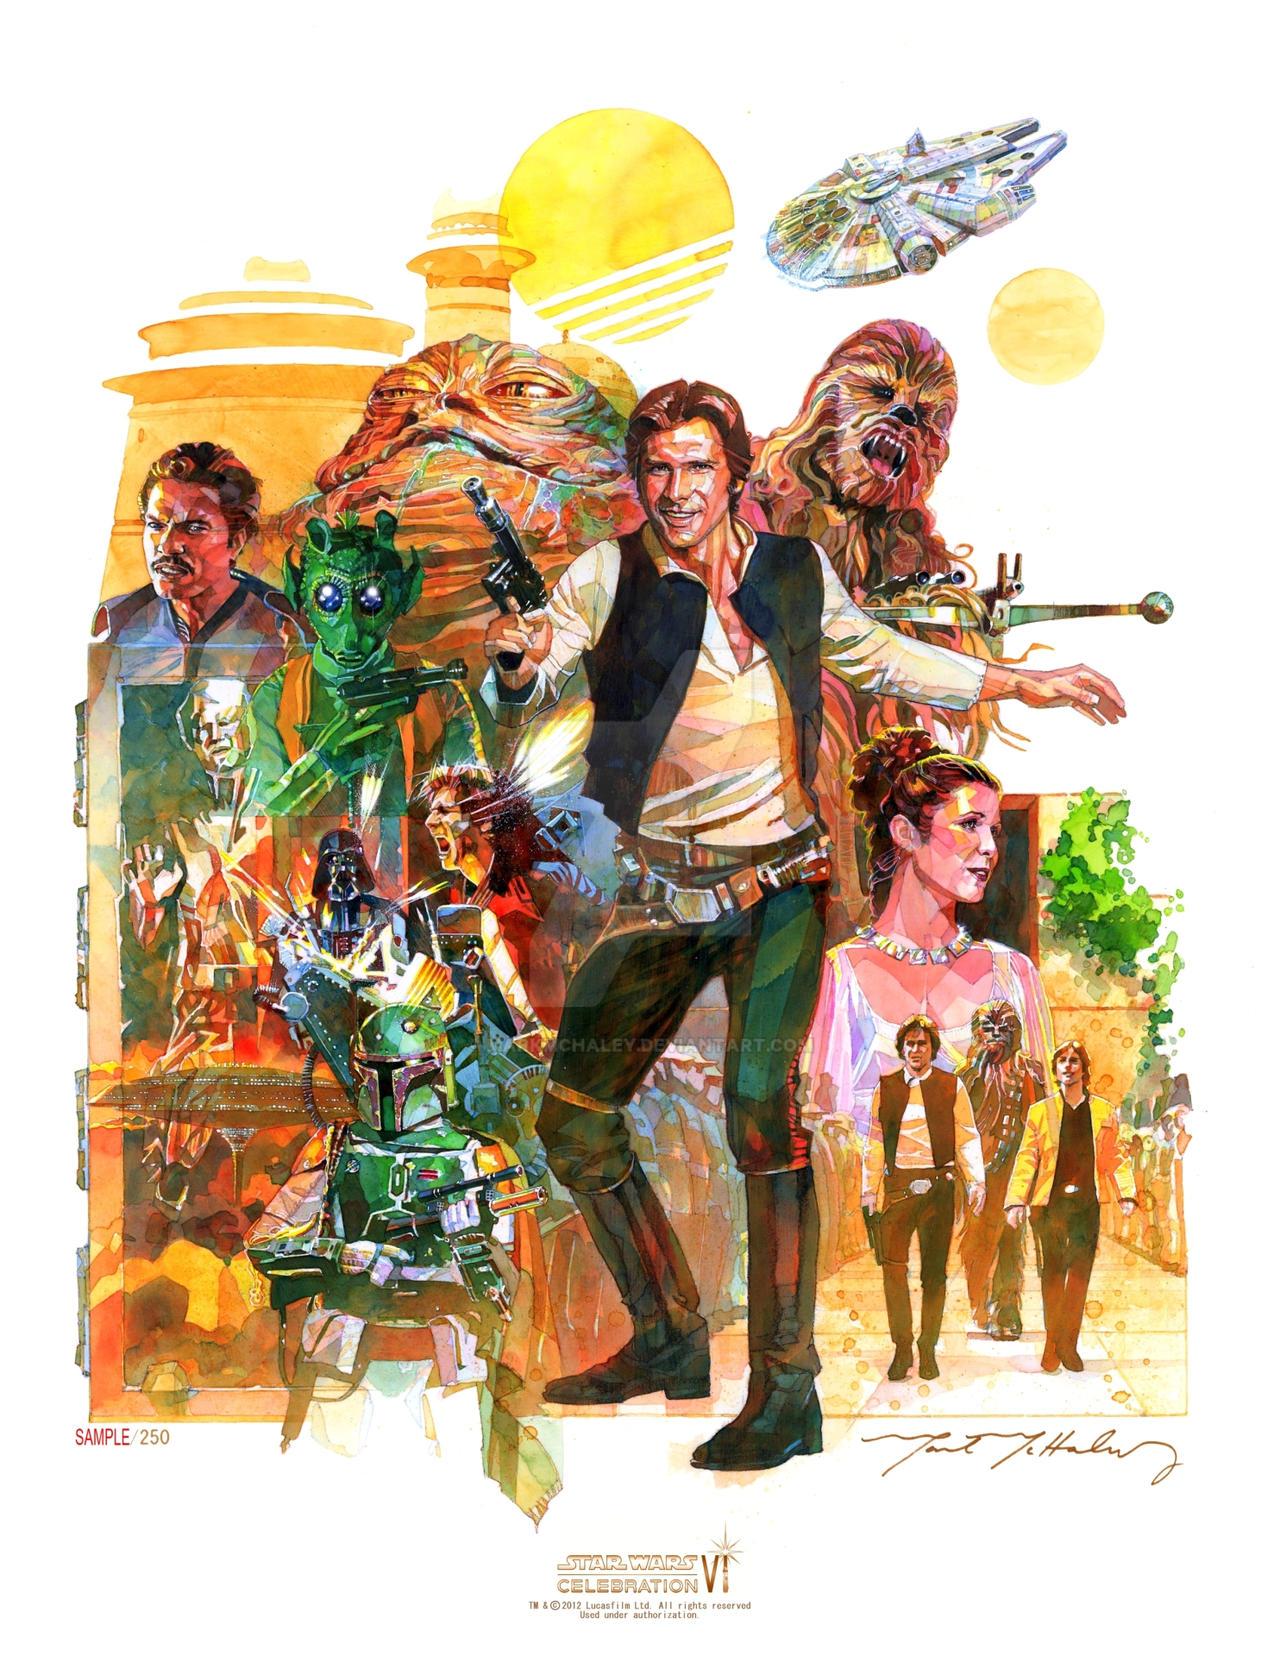 Star Wars Celebration VI by markmchaley